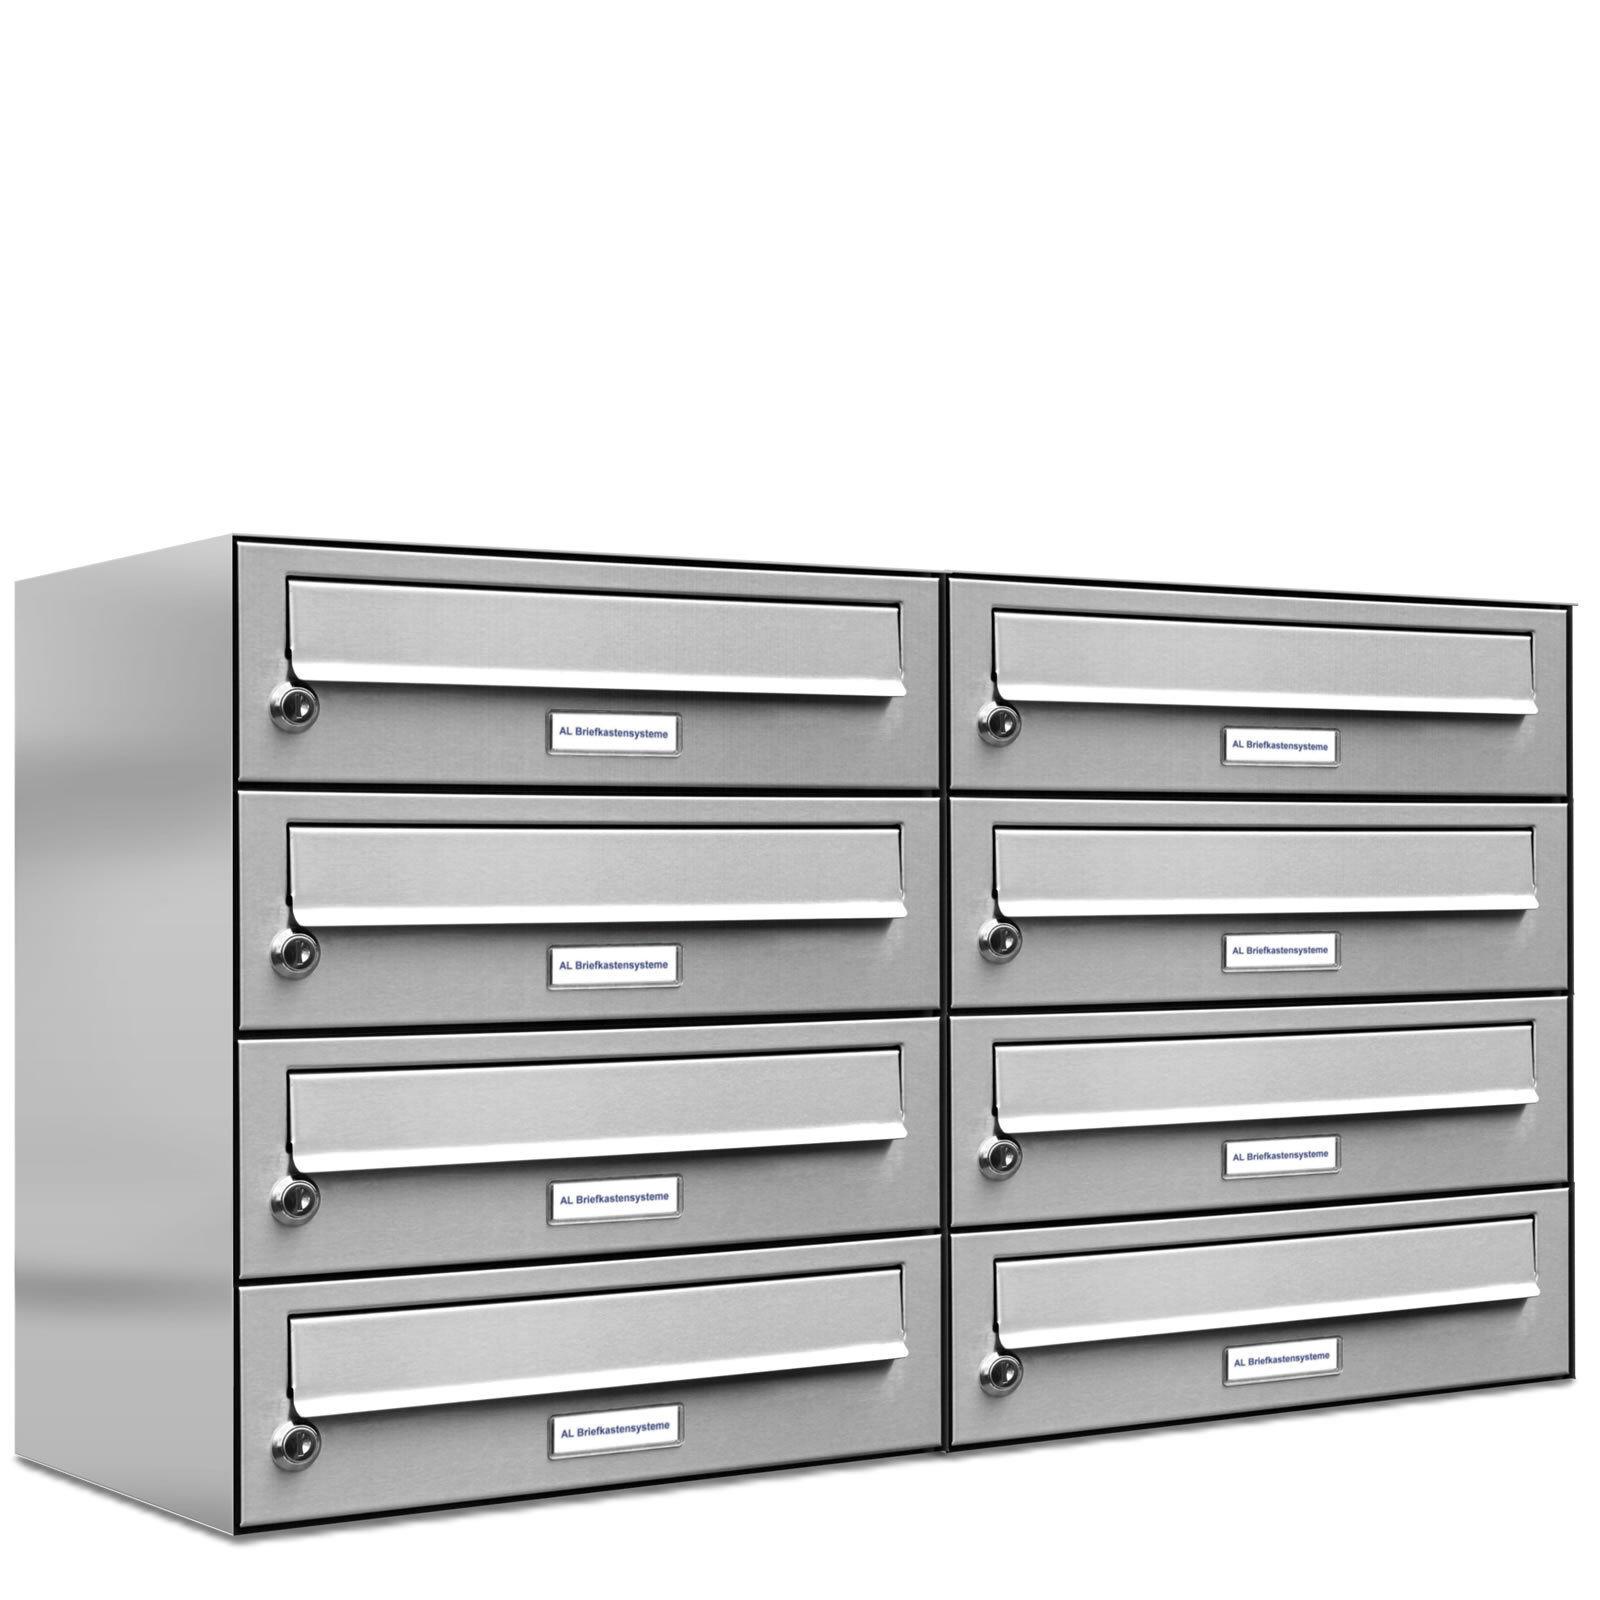 8 er Premium Edelstahl 2x4 Wand Briefkasten Anlage A4 Postkasten Fach Anordng.